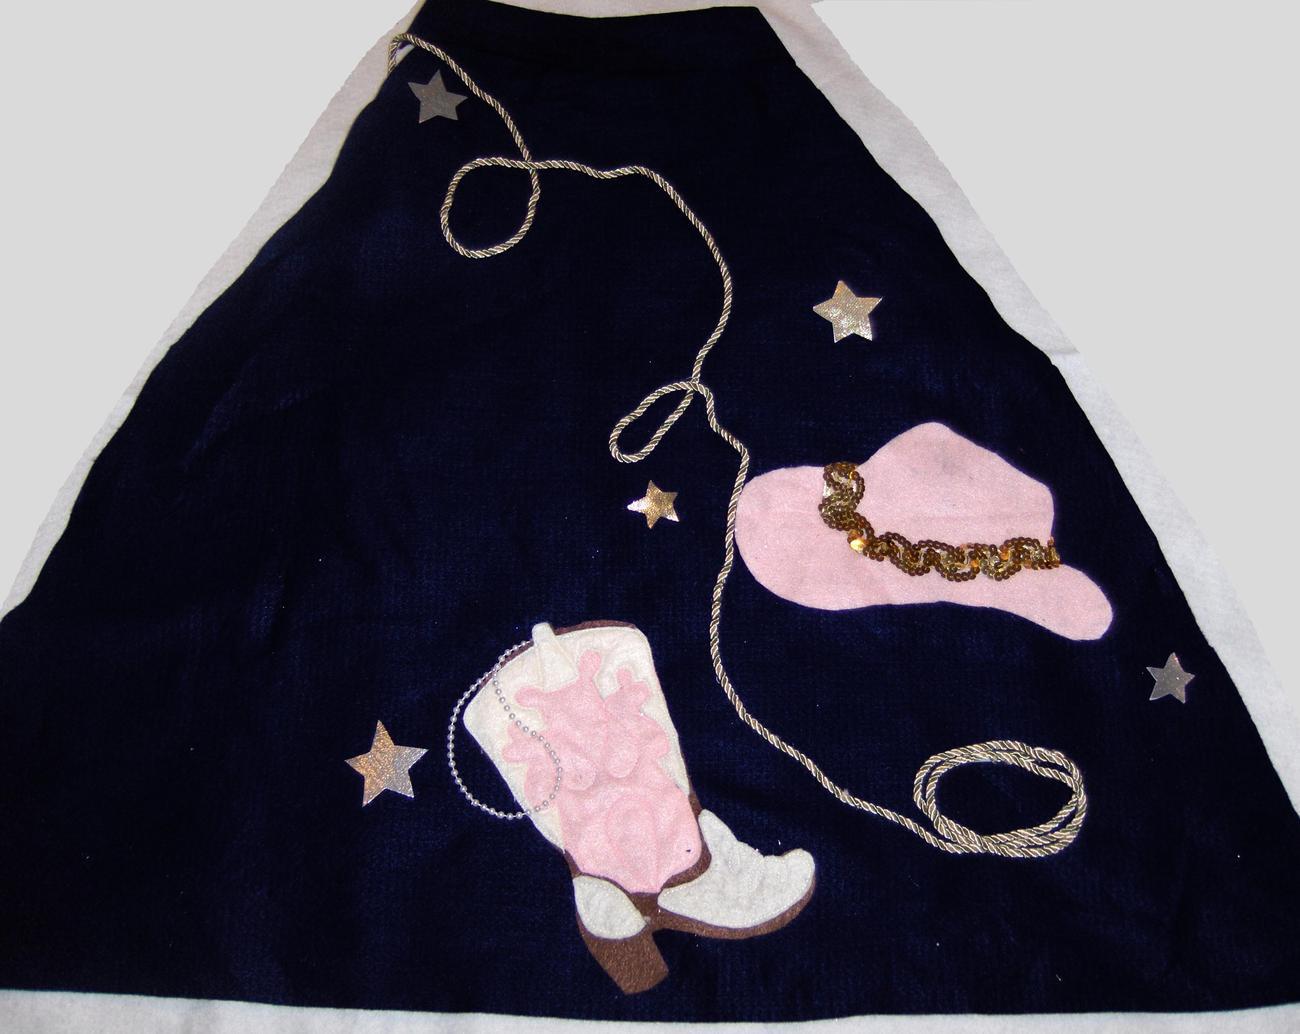 poodle skirt applique template - poodle skirt appliqu elements cowgirl appliques